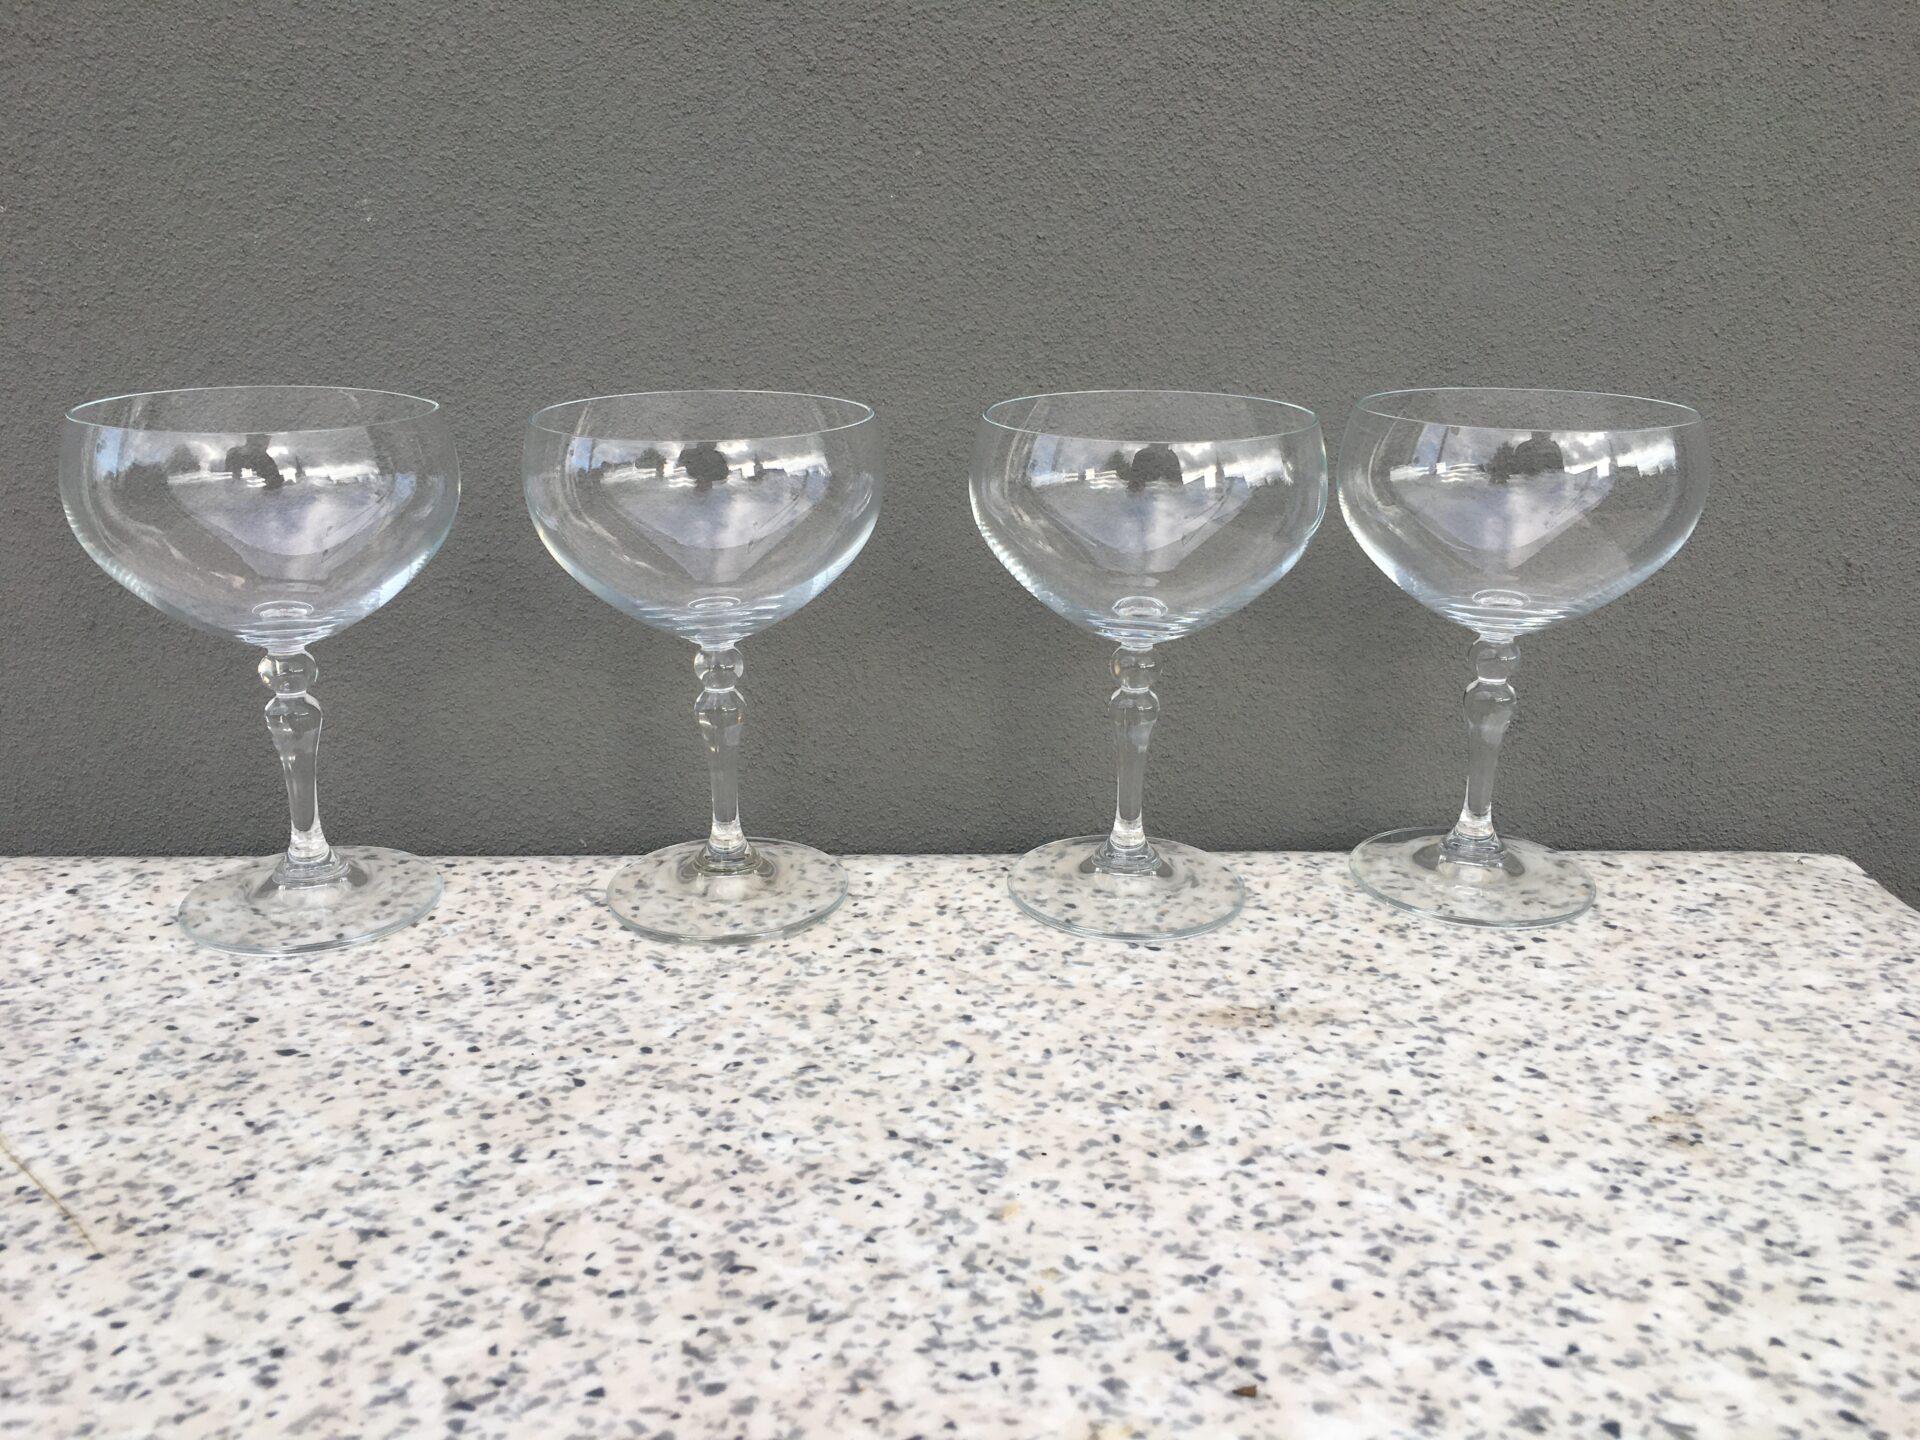 Champagneskåle pr. stk 75 kr (h=15,5 cm)